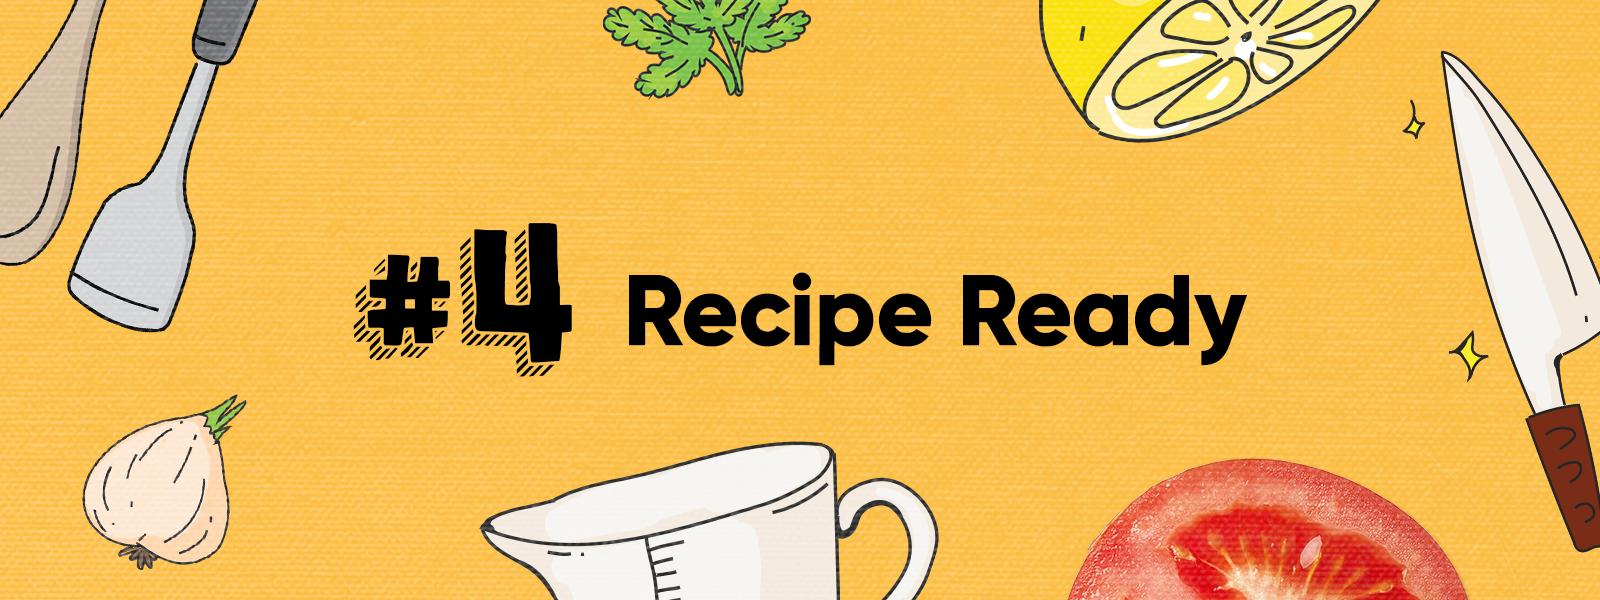 Skill 4: Recipe Ready